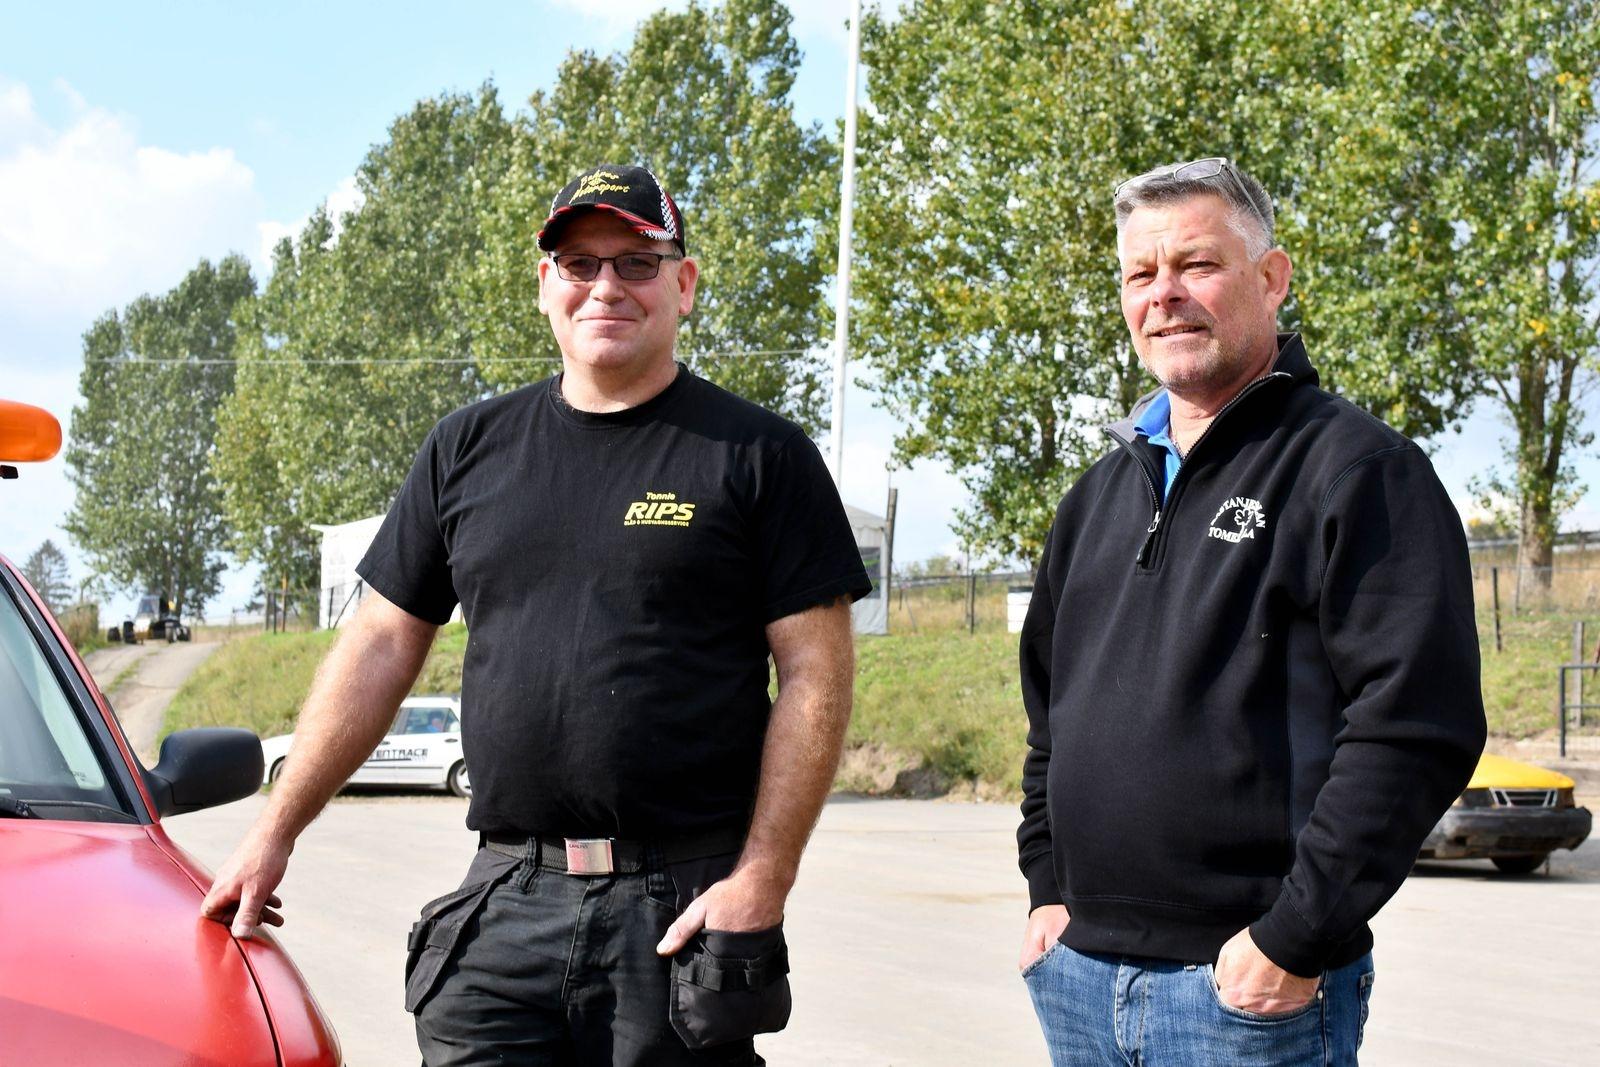 Tonnie Buhre och Anders Hansson, tekniklärare på Kastanjeskolan, ser fram emot ett utökat samarbete med Tomelilla MK när effekterna av pandemin avtar.